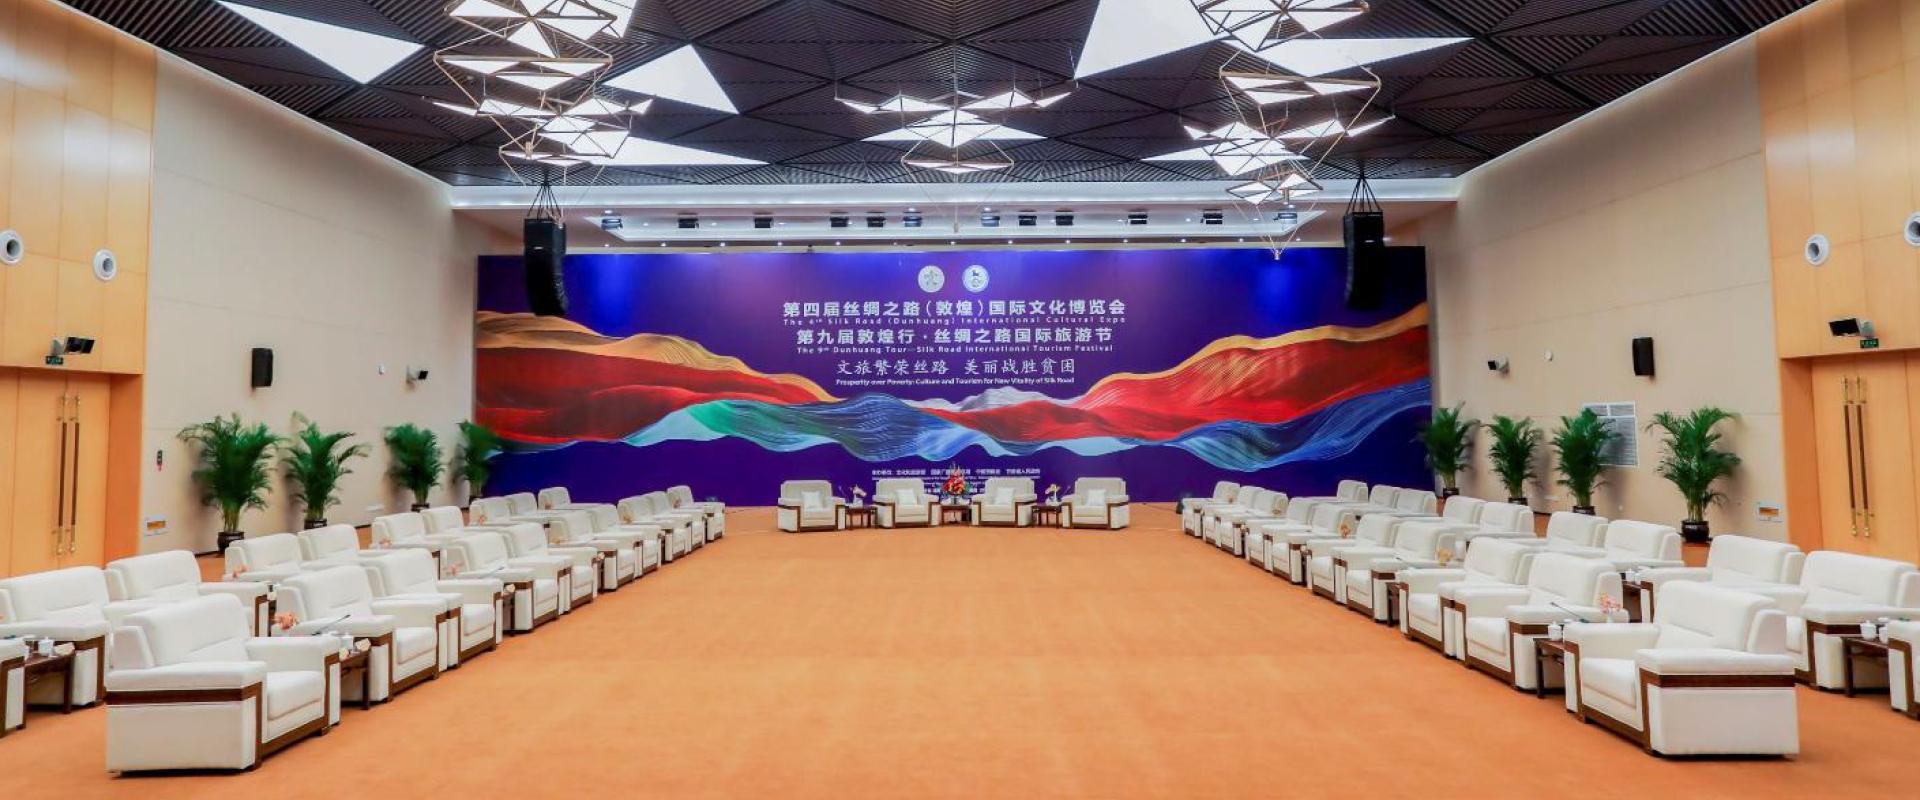 甘南文旅会展中心